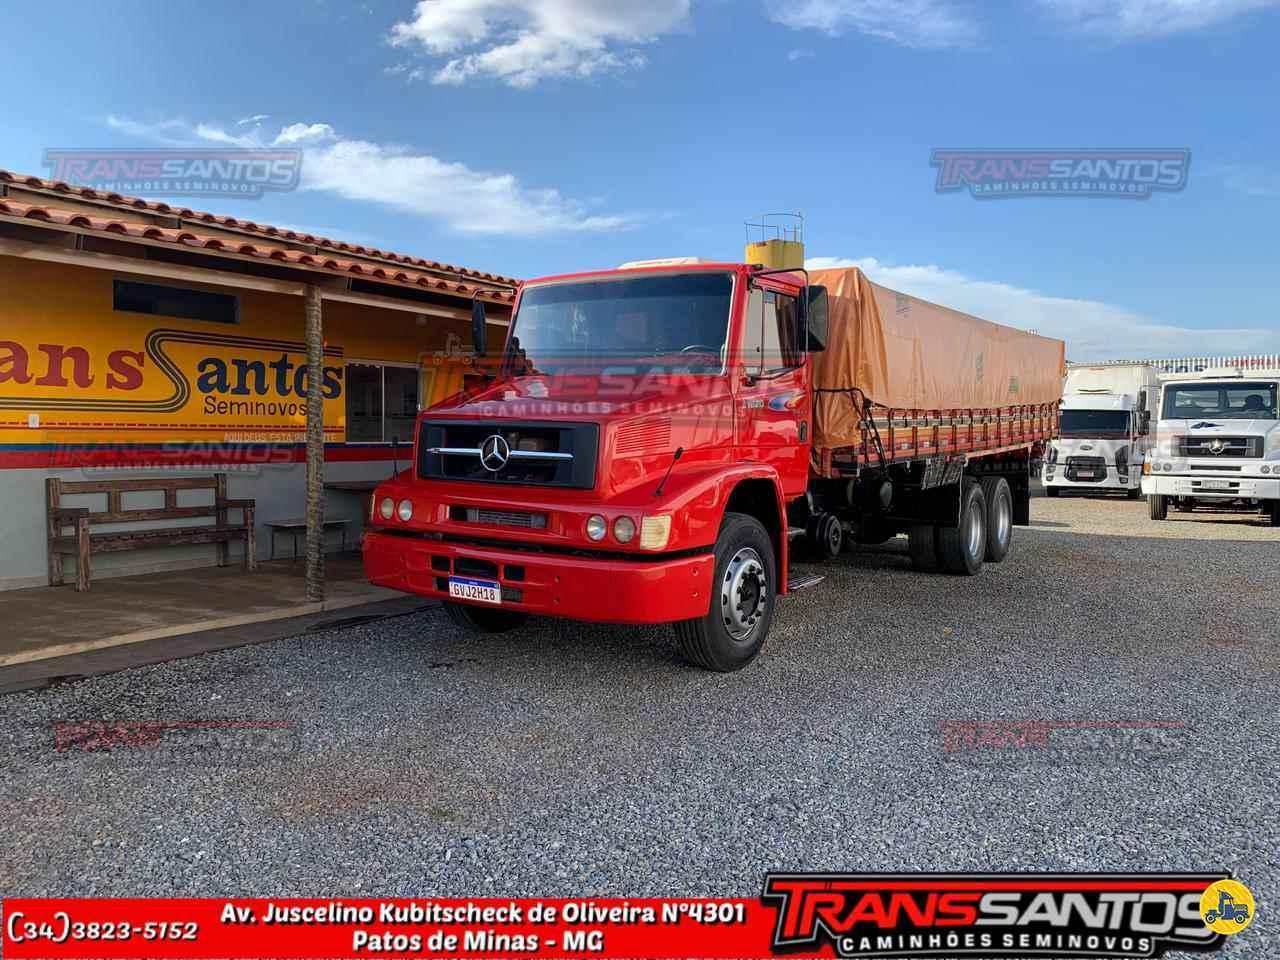 CAMINHAO MERCEDES-BENZ MB 1620 Graneleiro Truck 6x2 TransSantos Seminovos PATOS DE MINAS MINAS GERAIS MG